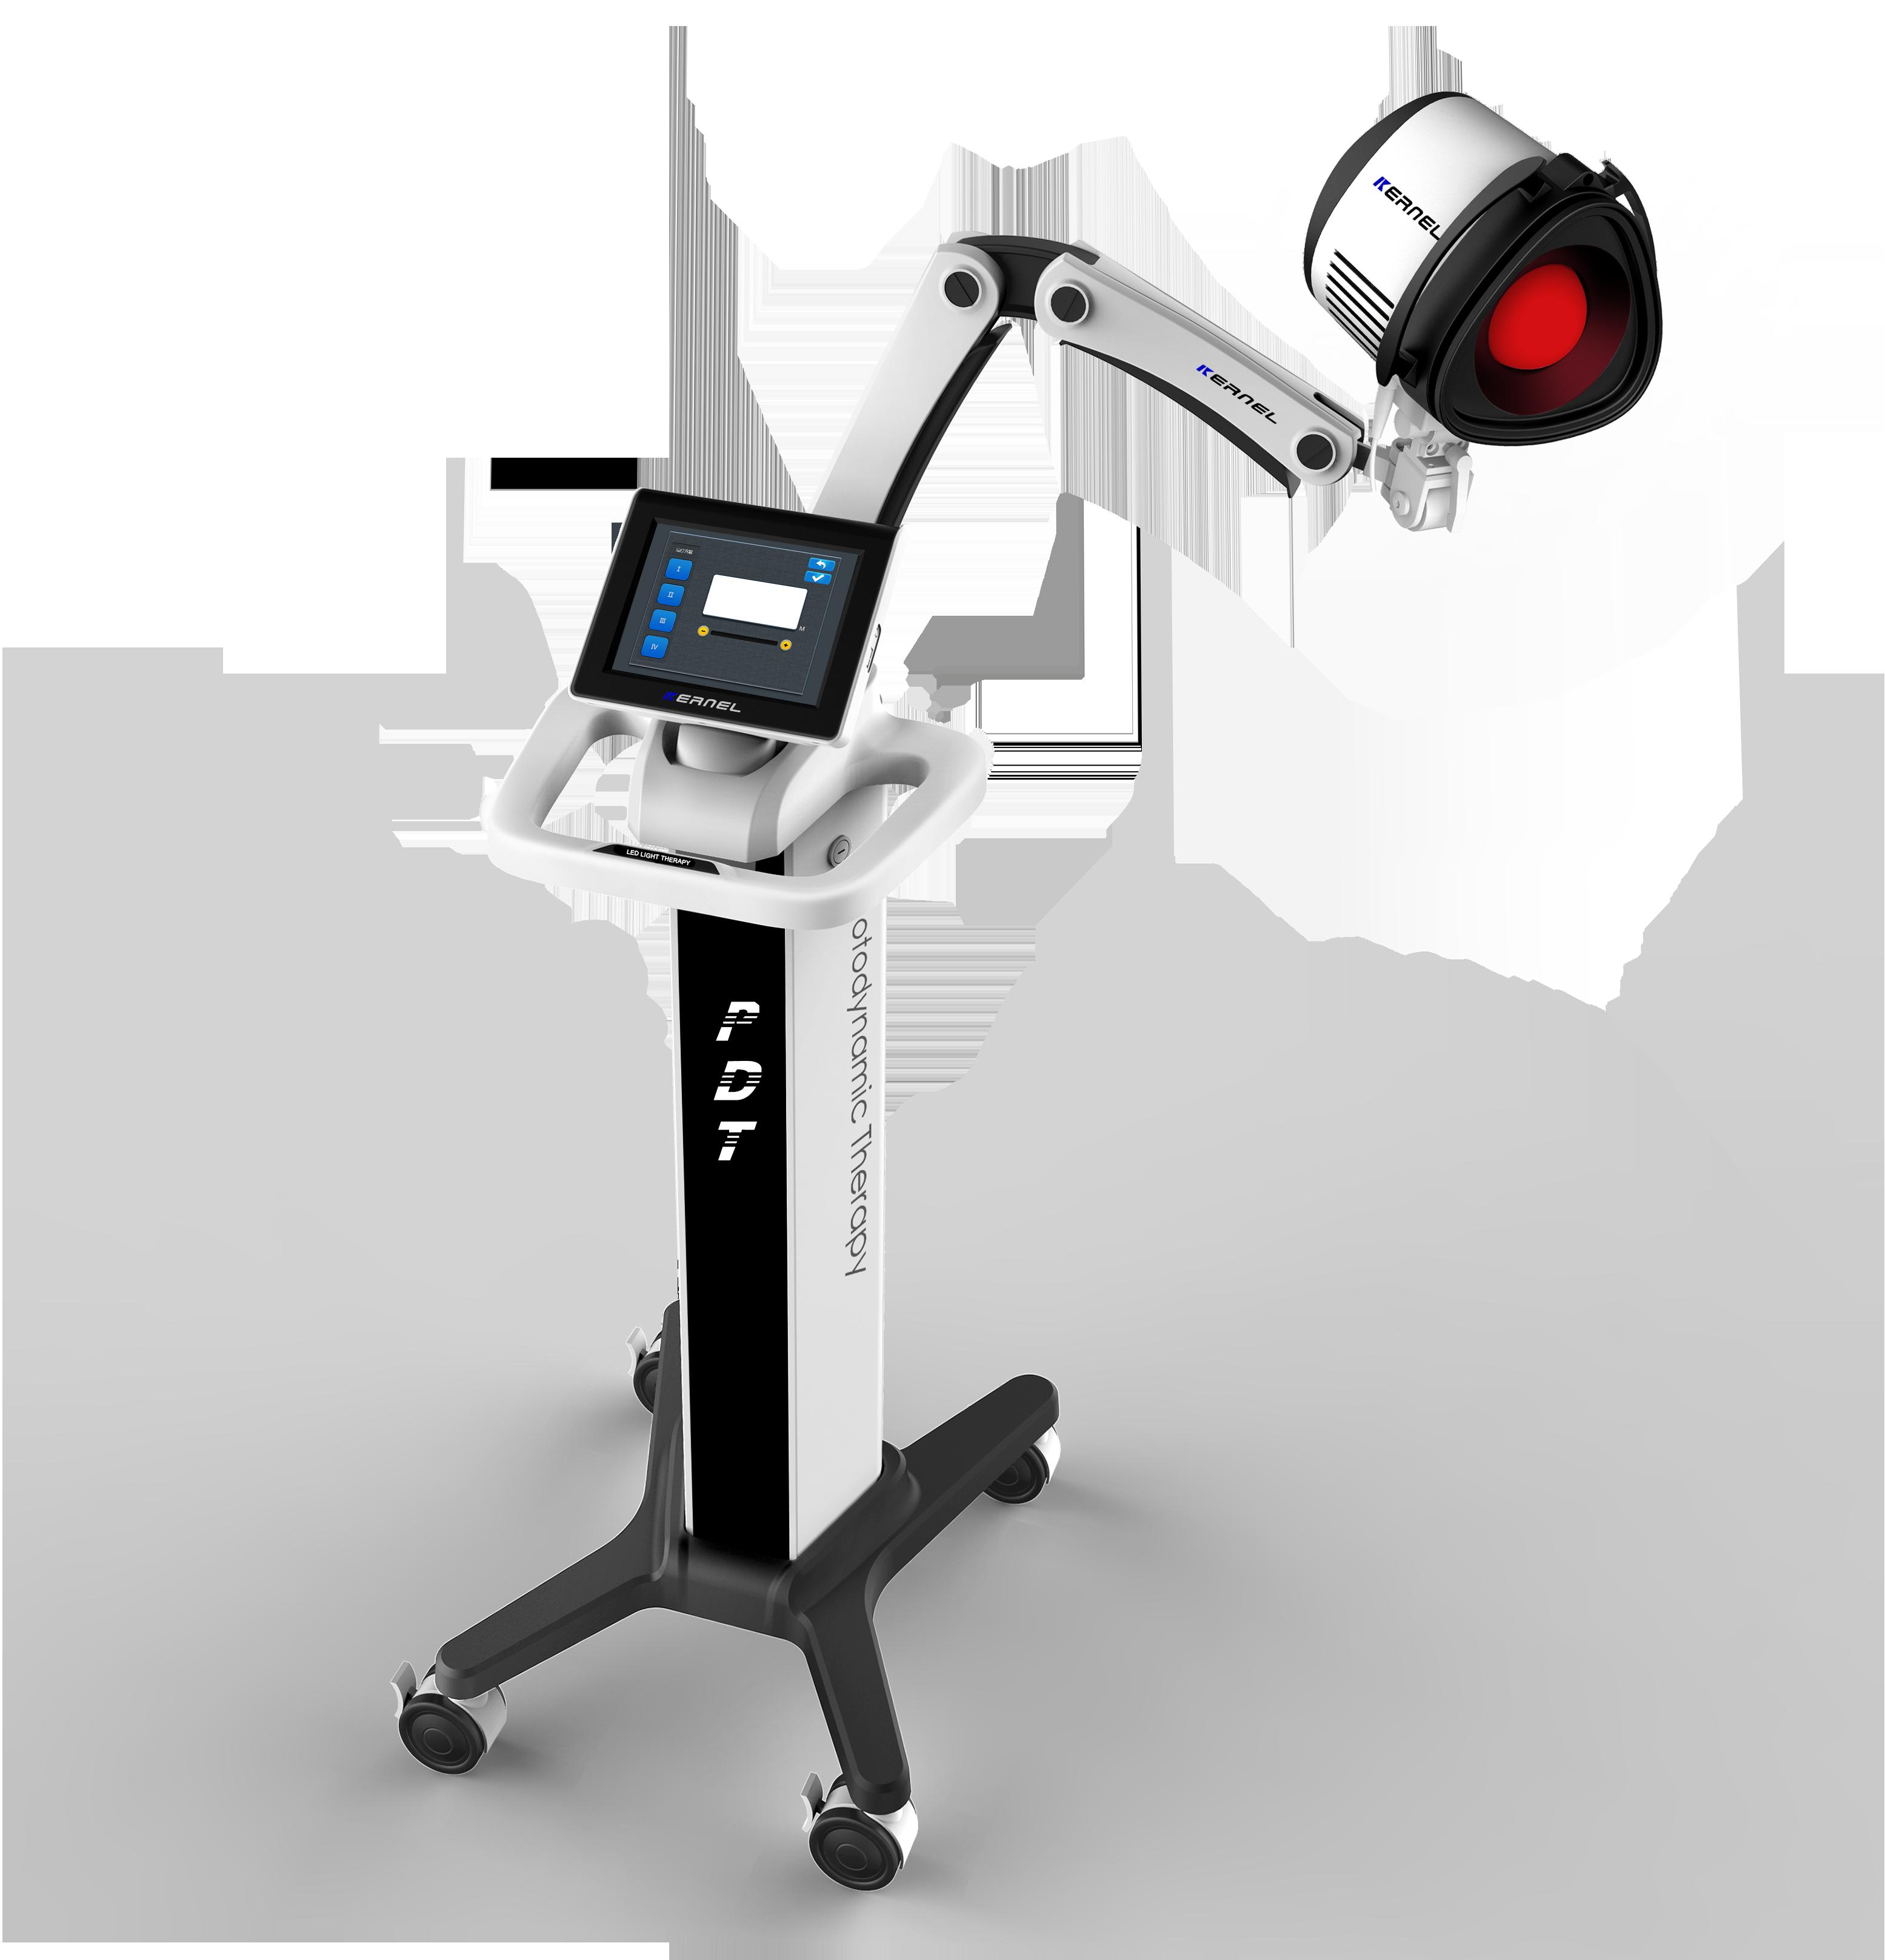 KN-7000A2 Rood licht therapie hoog vermogen gericht licht LED-lamp voor wondgenezing